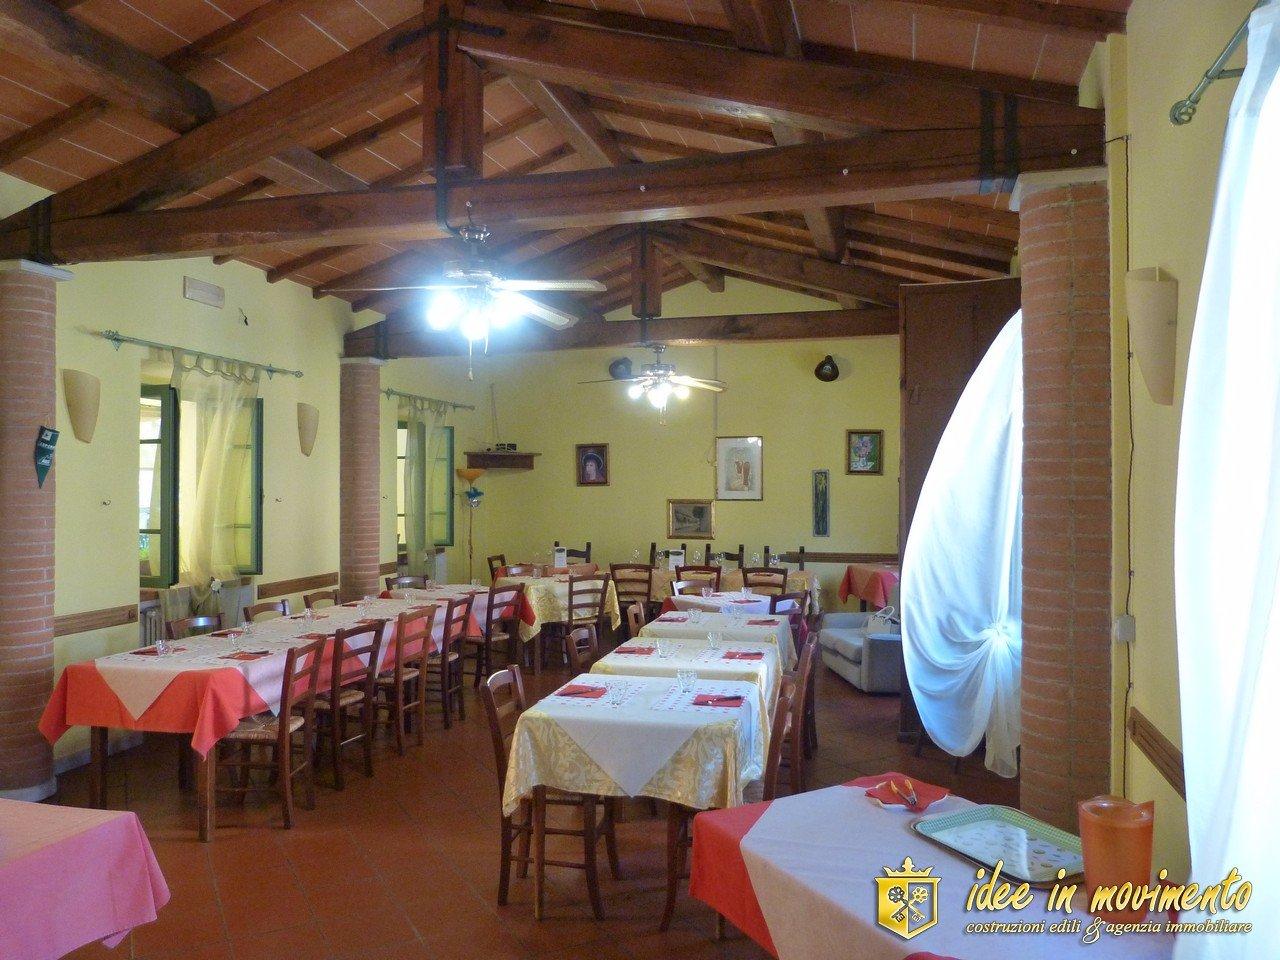 Ristorante/Pizzeria in vendita a Montignoso (MS)